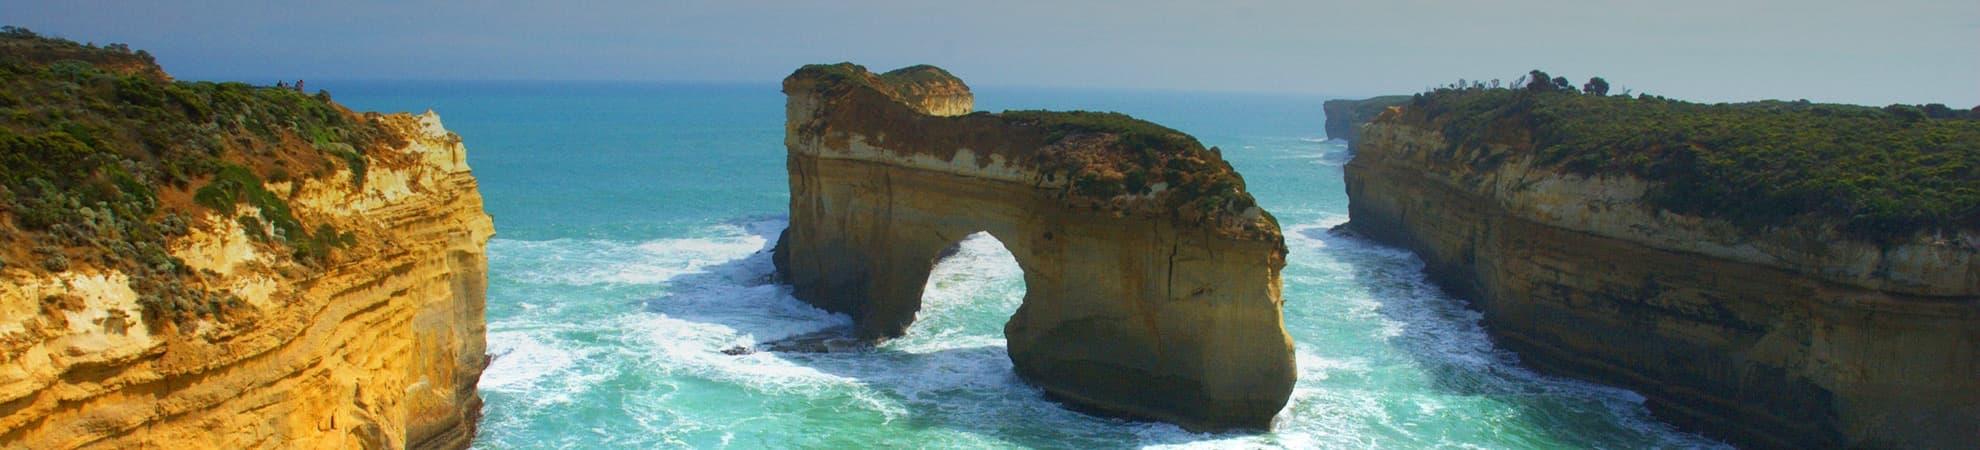 Voyage Les côtes du Sud et Sud-Ouest Australiennes